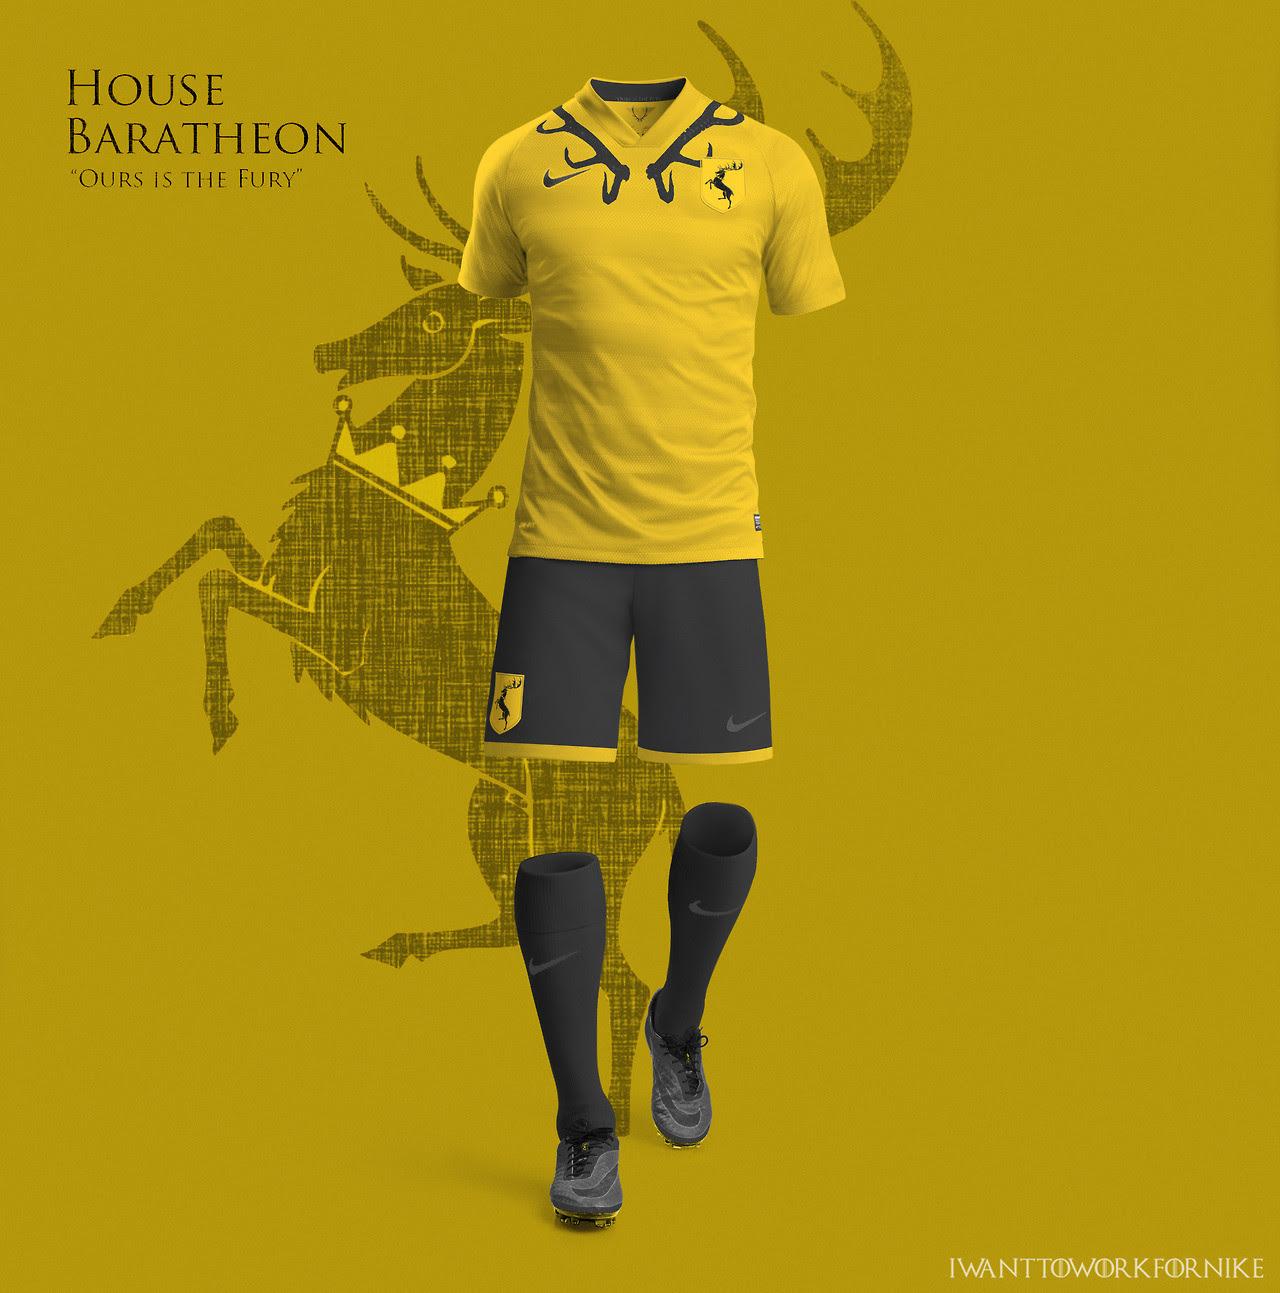 Equipaciones futboleras tipo Juego de Tronos - Baratheon